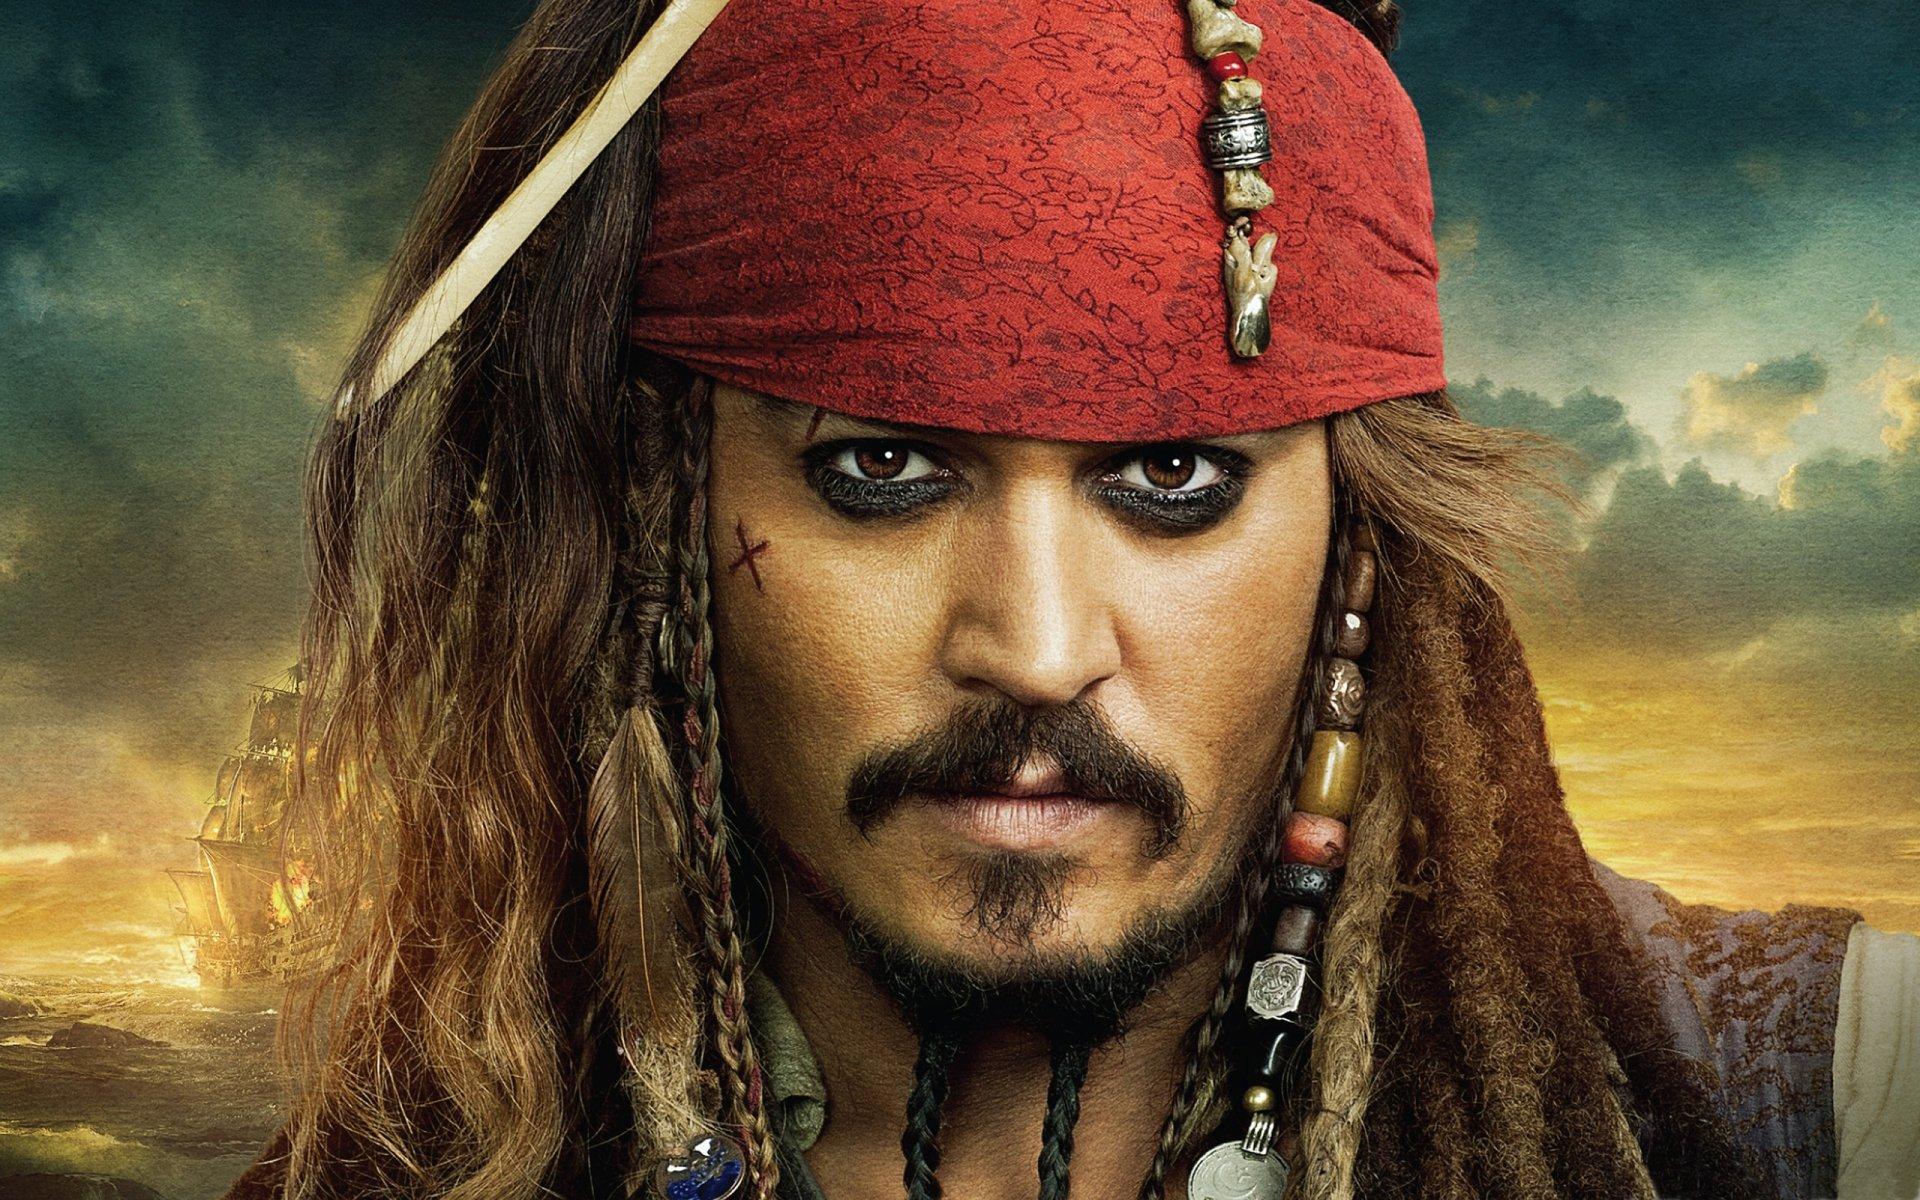 легкие удобные джонни депп фото пираты карибского моря том, что